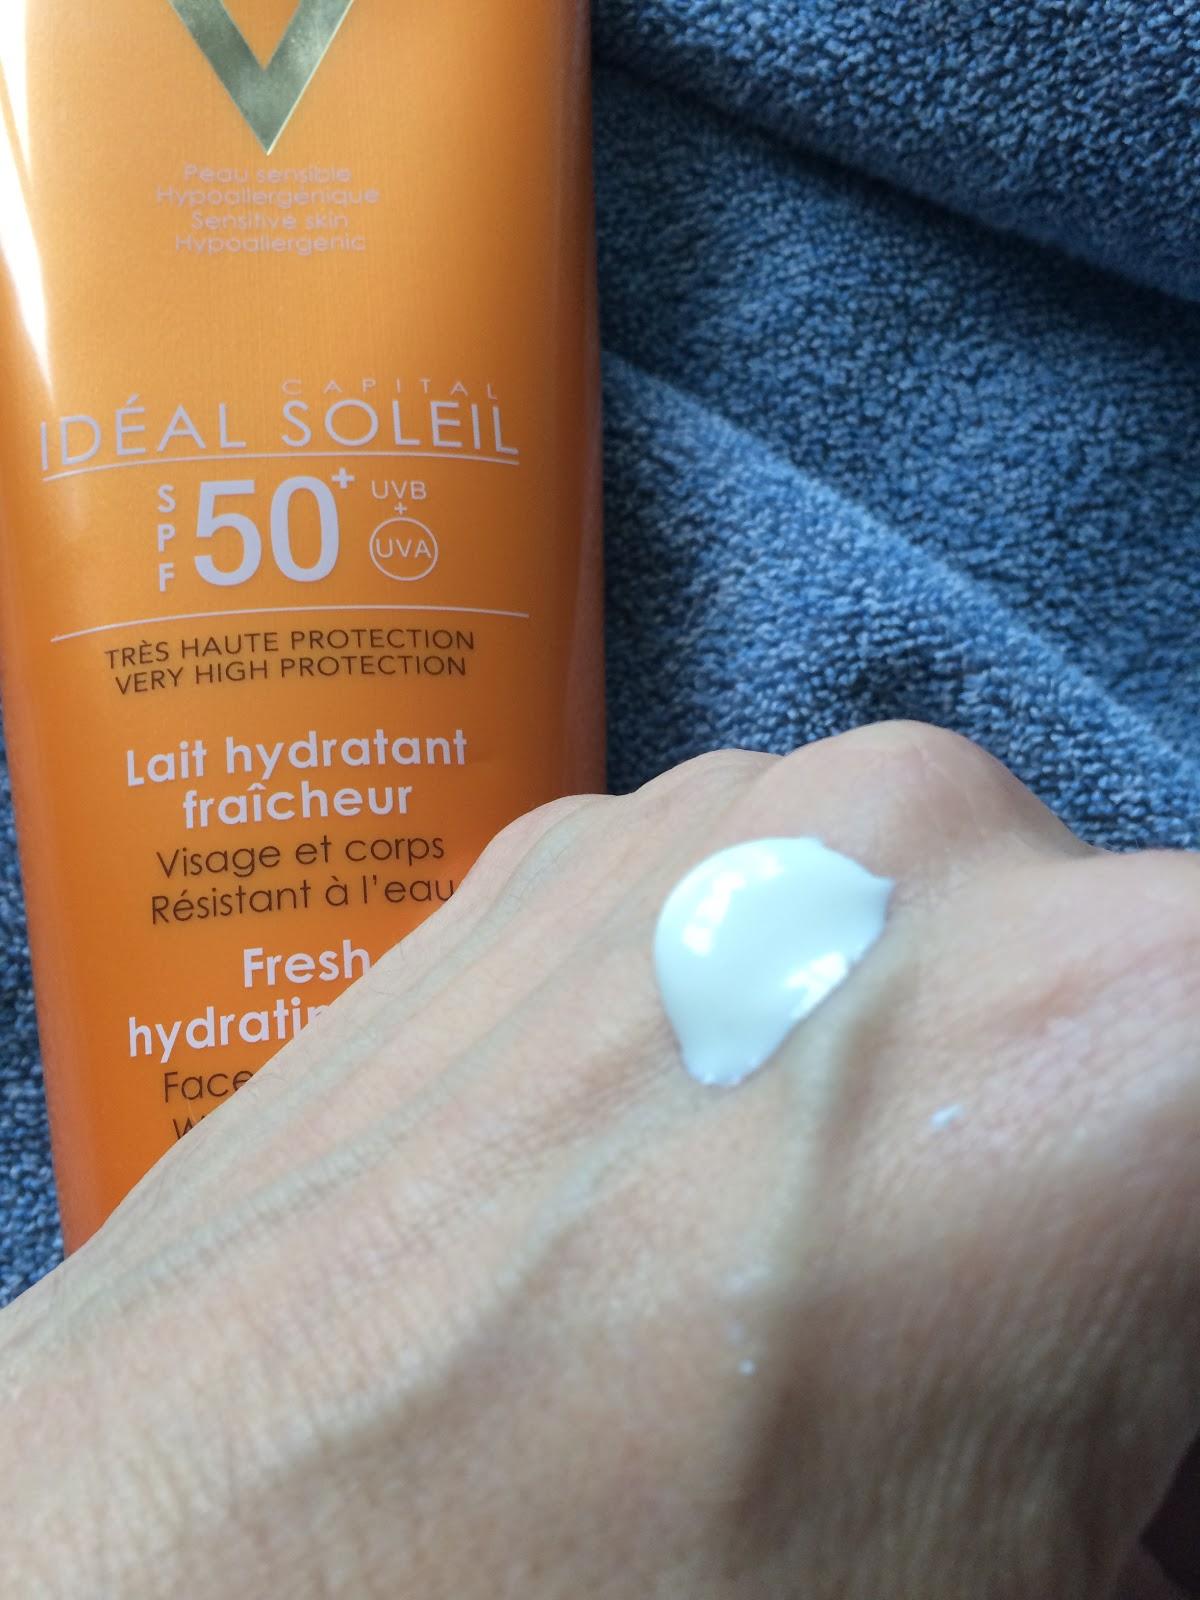 Vichy Ideal Soleil SPF 50